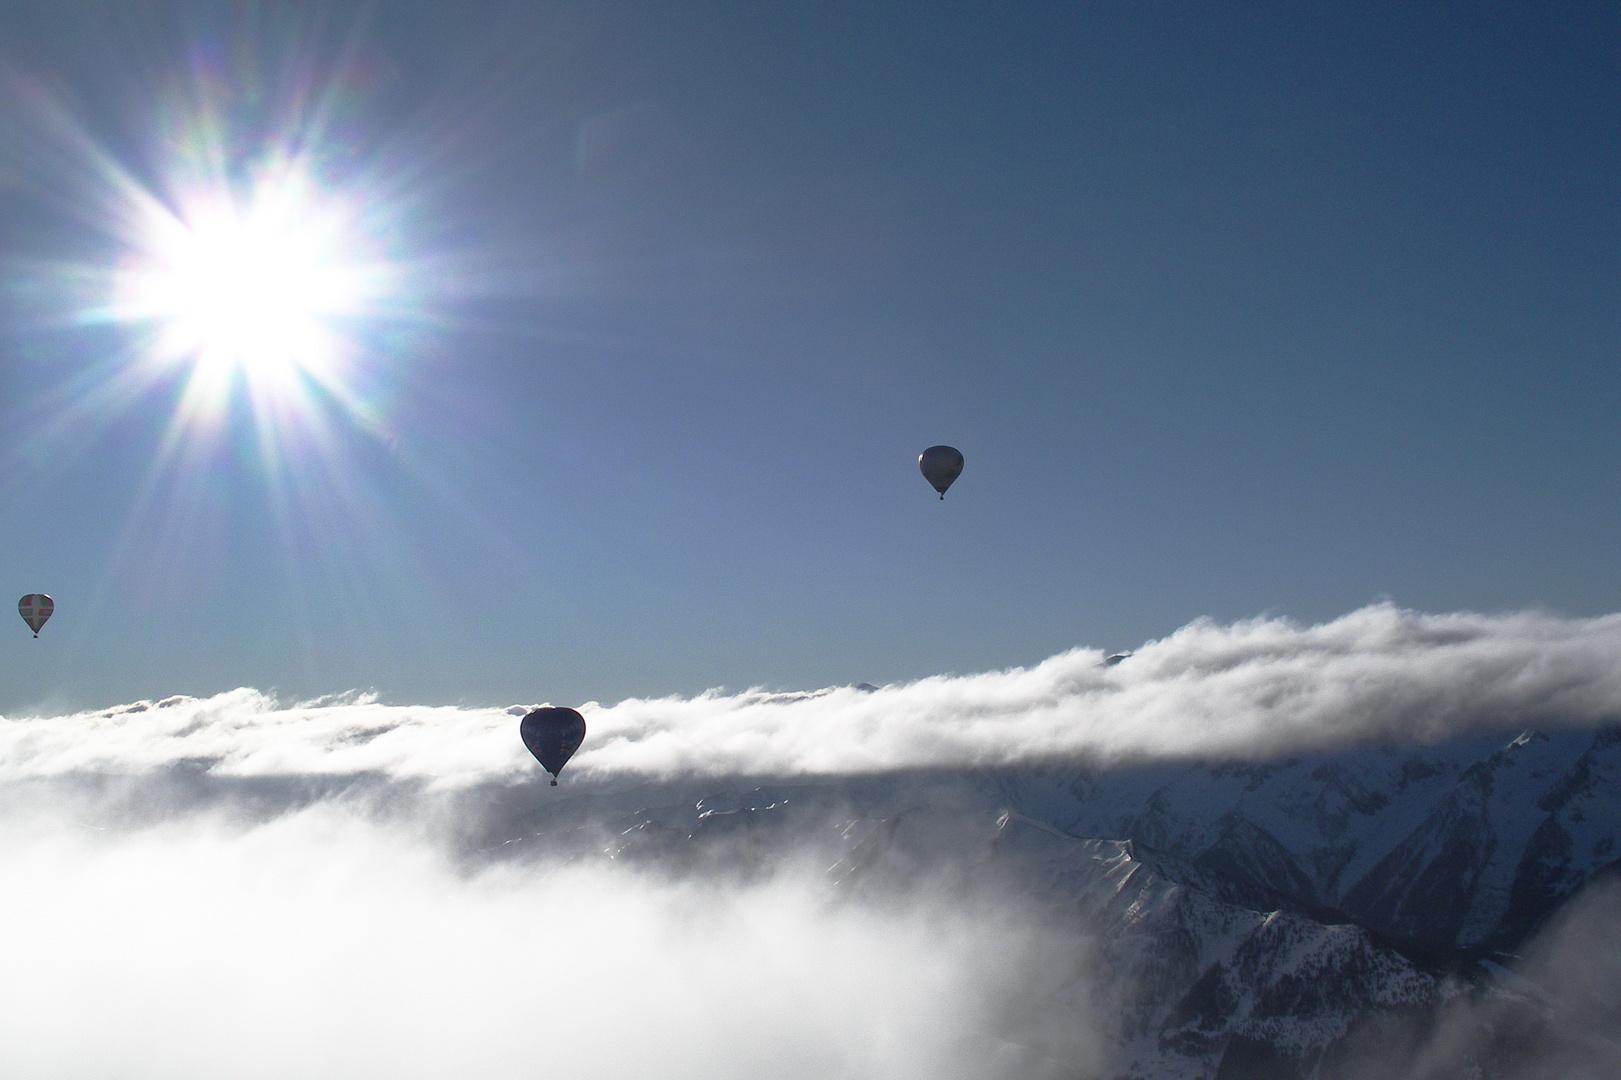 IMGP7527_1 Über den Wolken